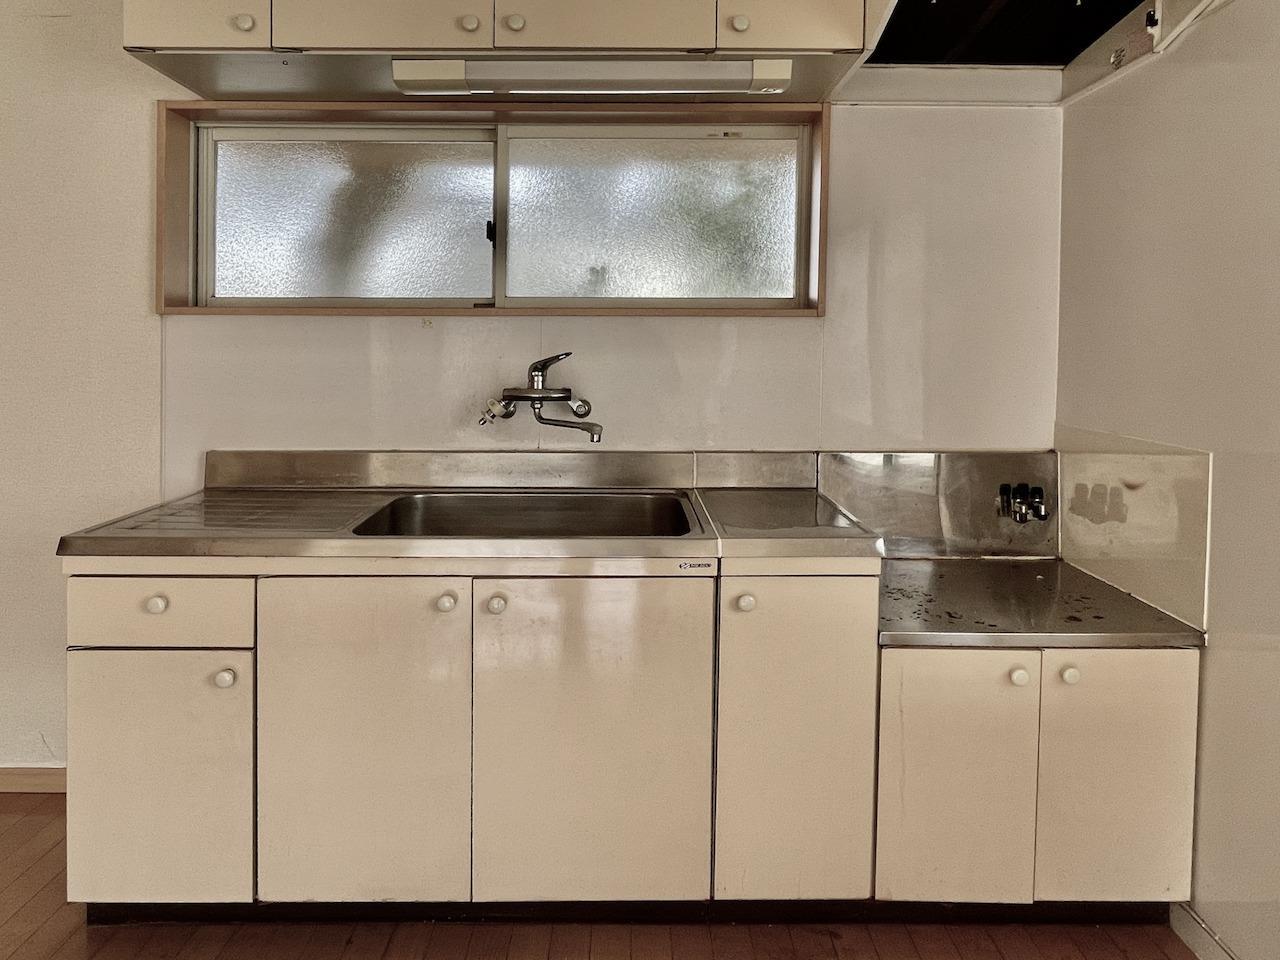 キッチン。コンロの準備は必要です。